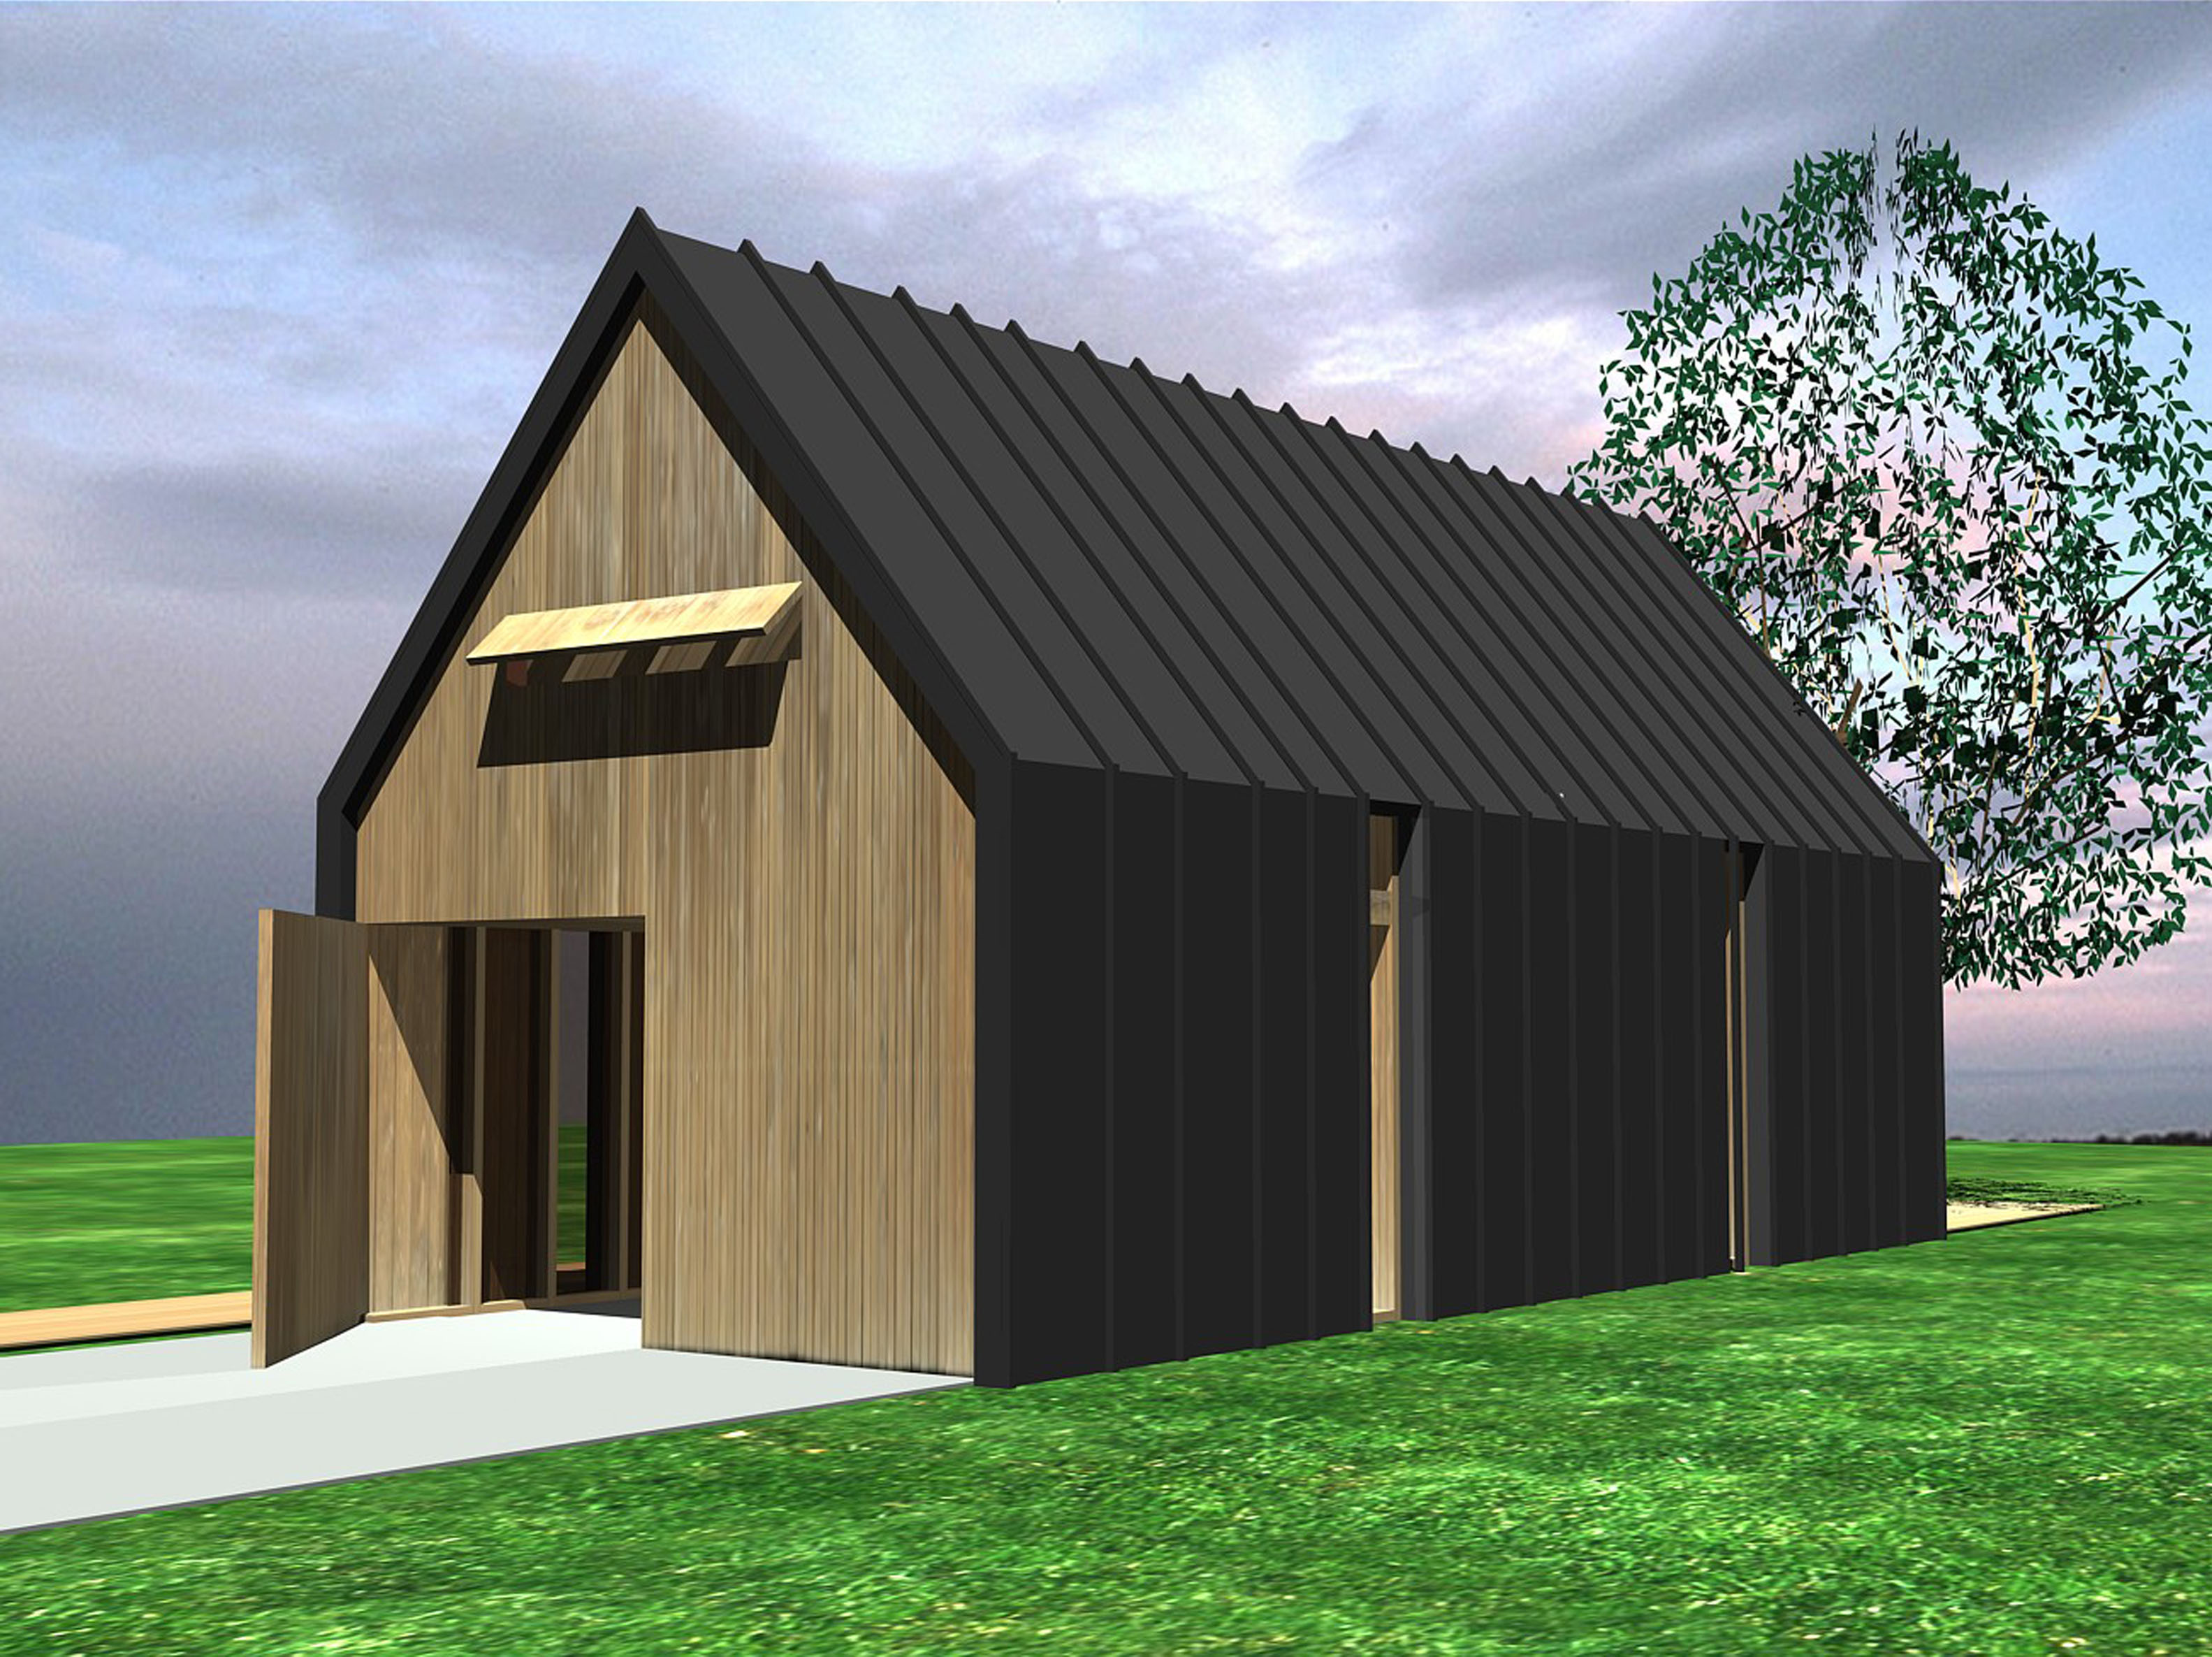 Nieuwbouw gastenverblijf tuinhuis bergen nh studio72studio72 - Ontwerp tuinhuis ...